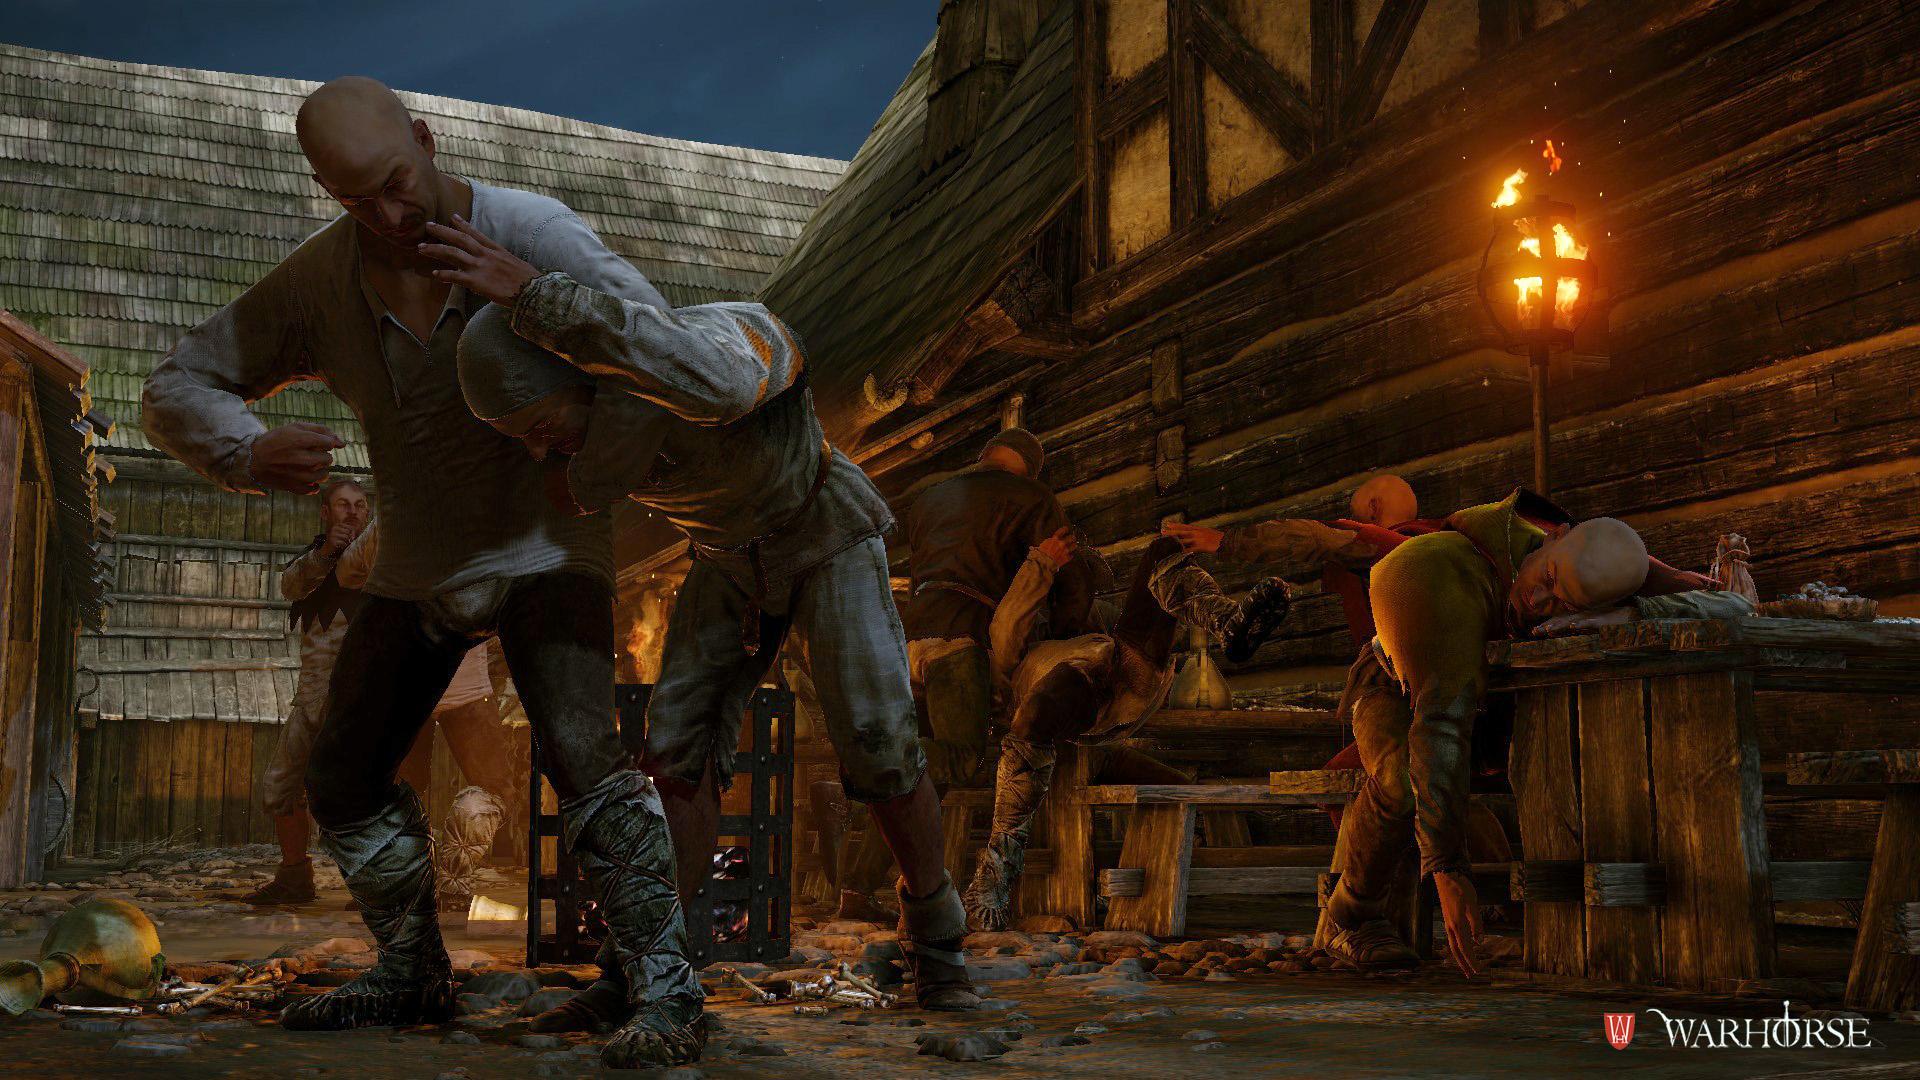 Видео: сравнение графики Kingdom Come: Deliverance на PC, PS4 Pro и Xbox One X